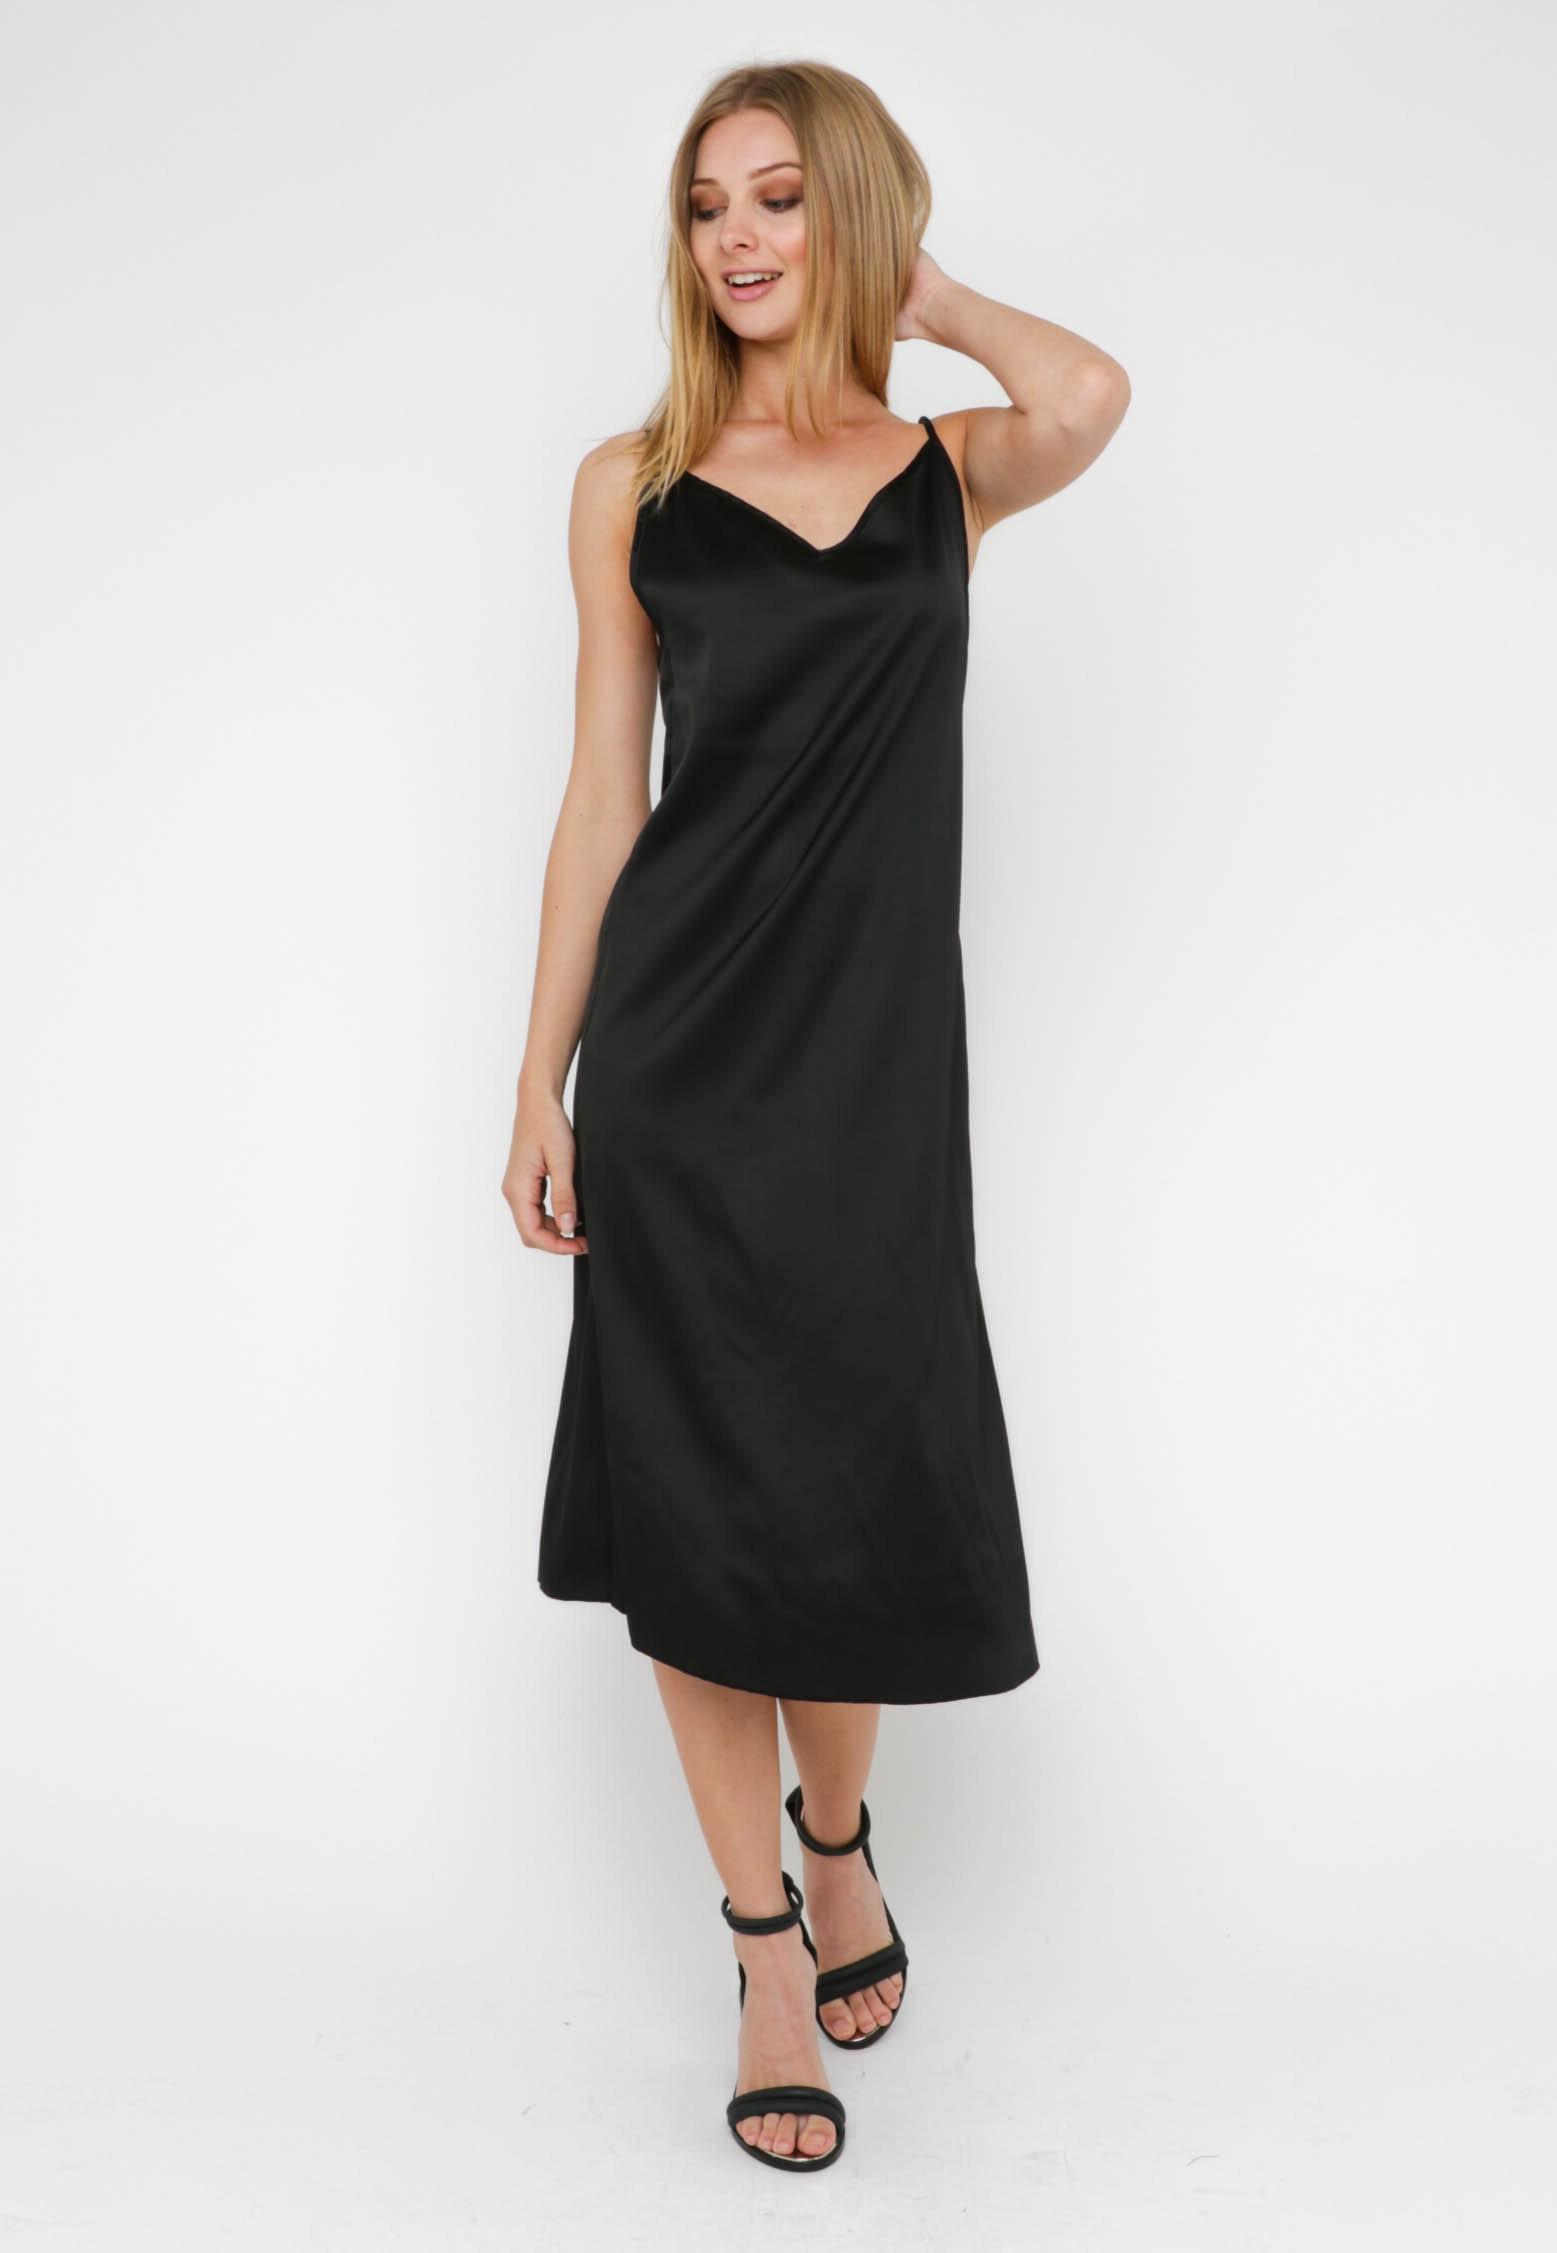 Lucelle Slip Dress - Black